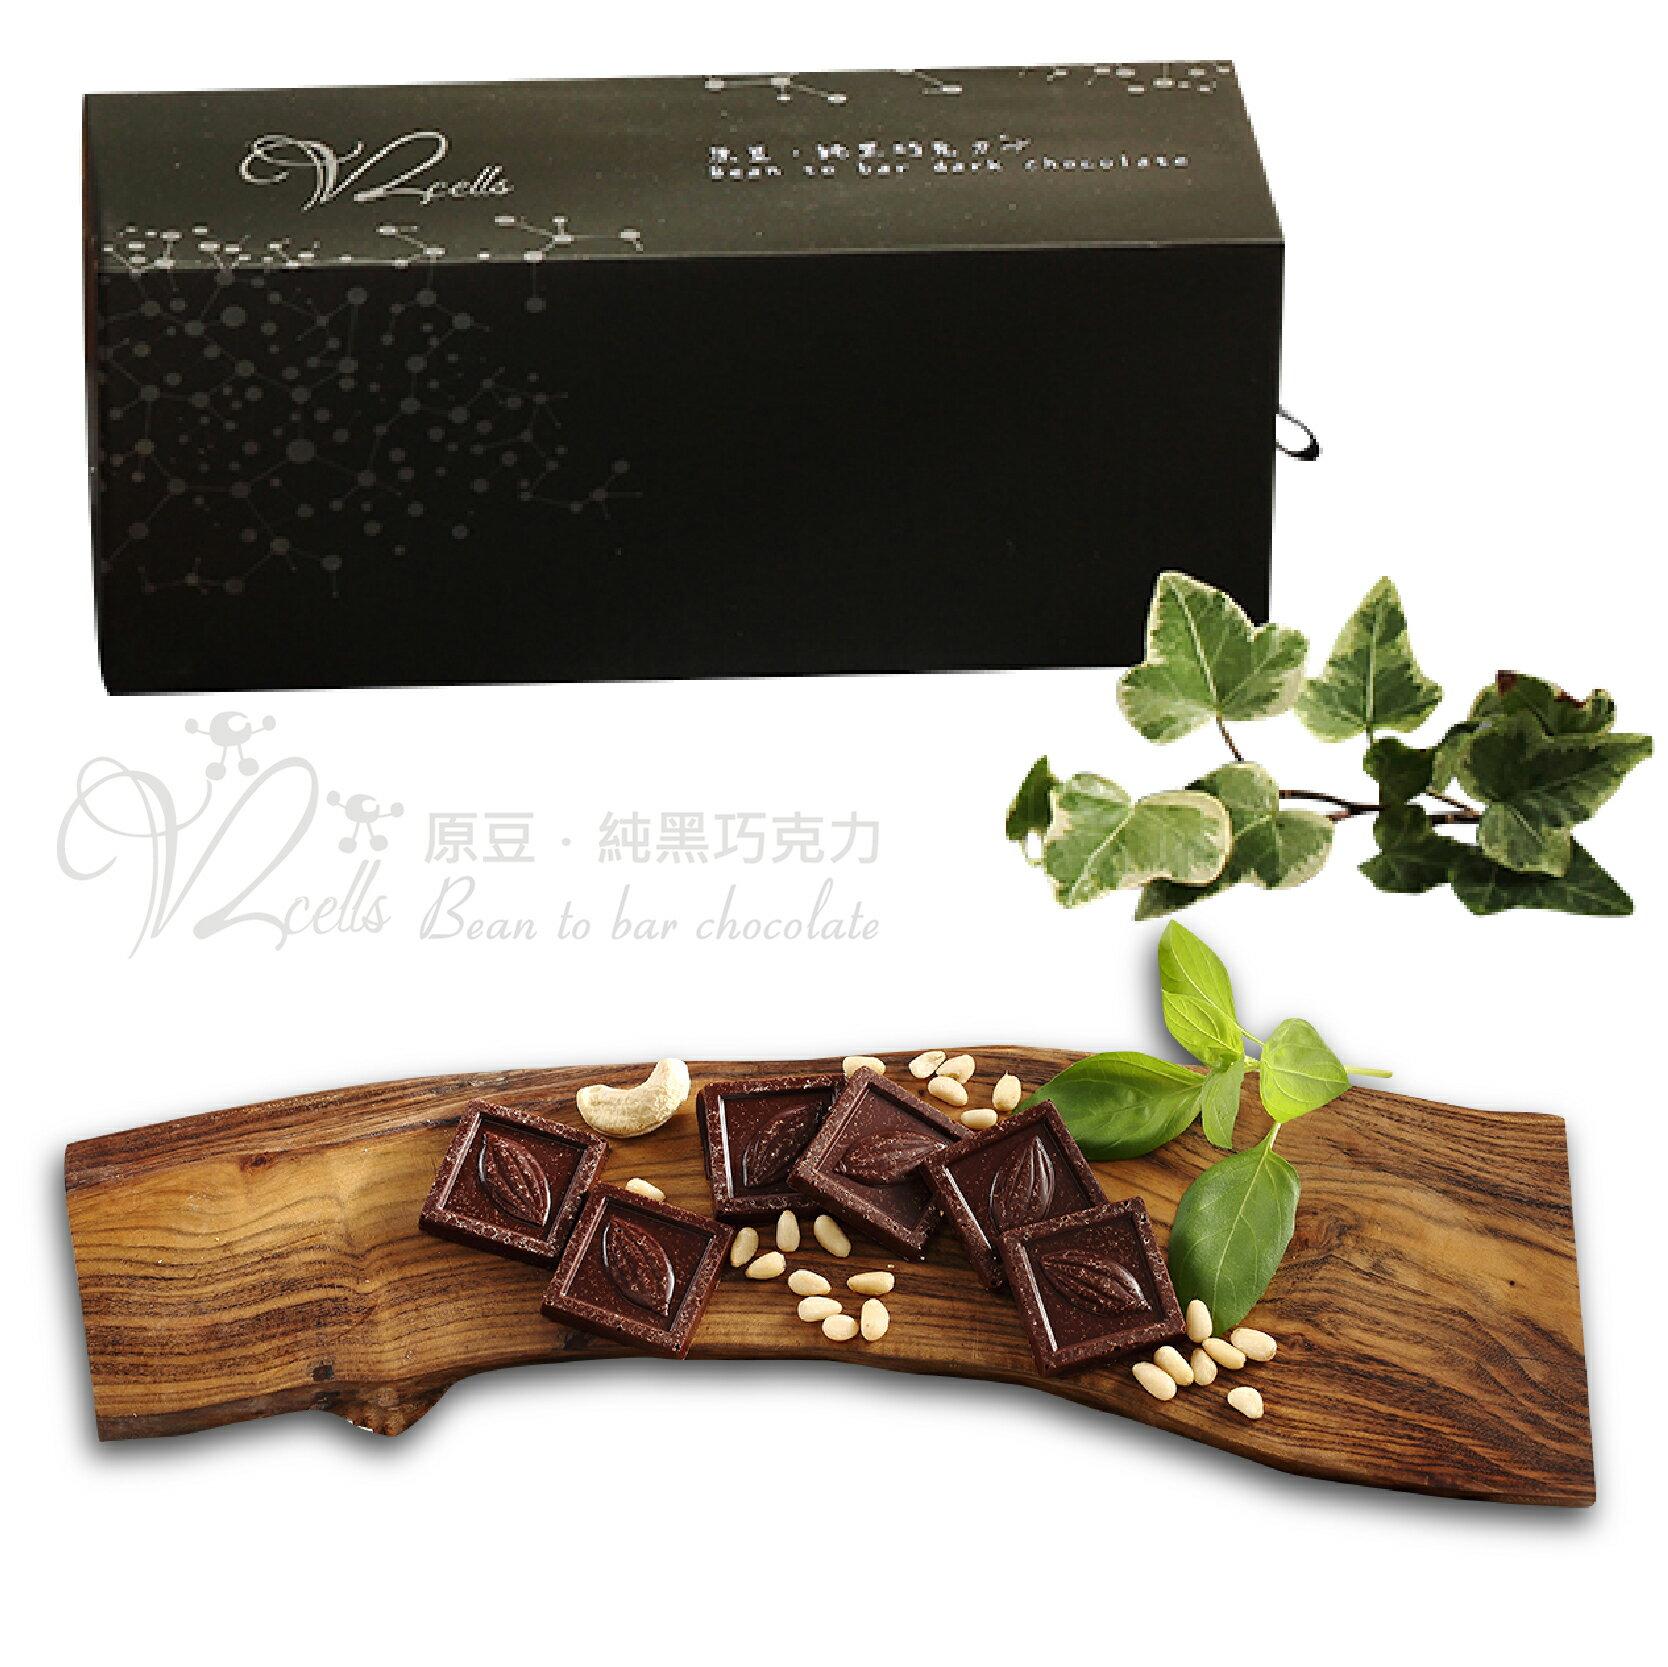 V2cells-細胞跳跳 72%綜合堅果黑巧克力  12片入/盒 32入/盒